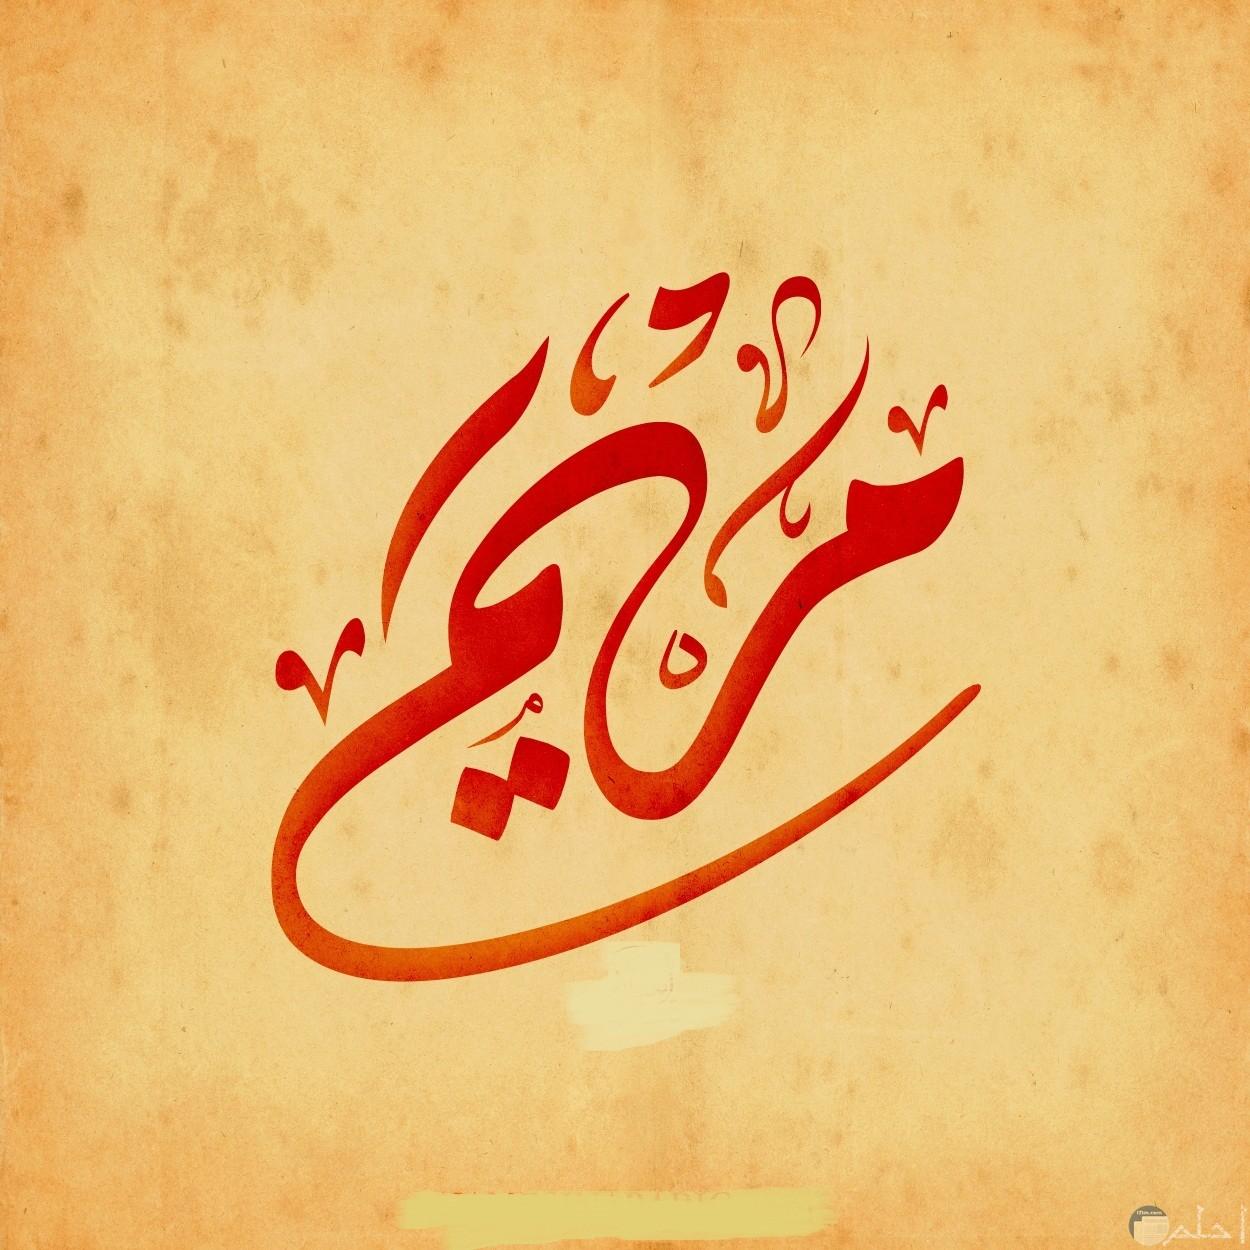 صورة تحمل اسم مريم بالتشكيل.